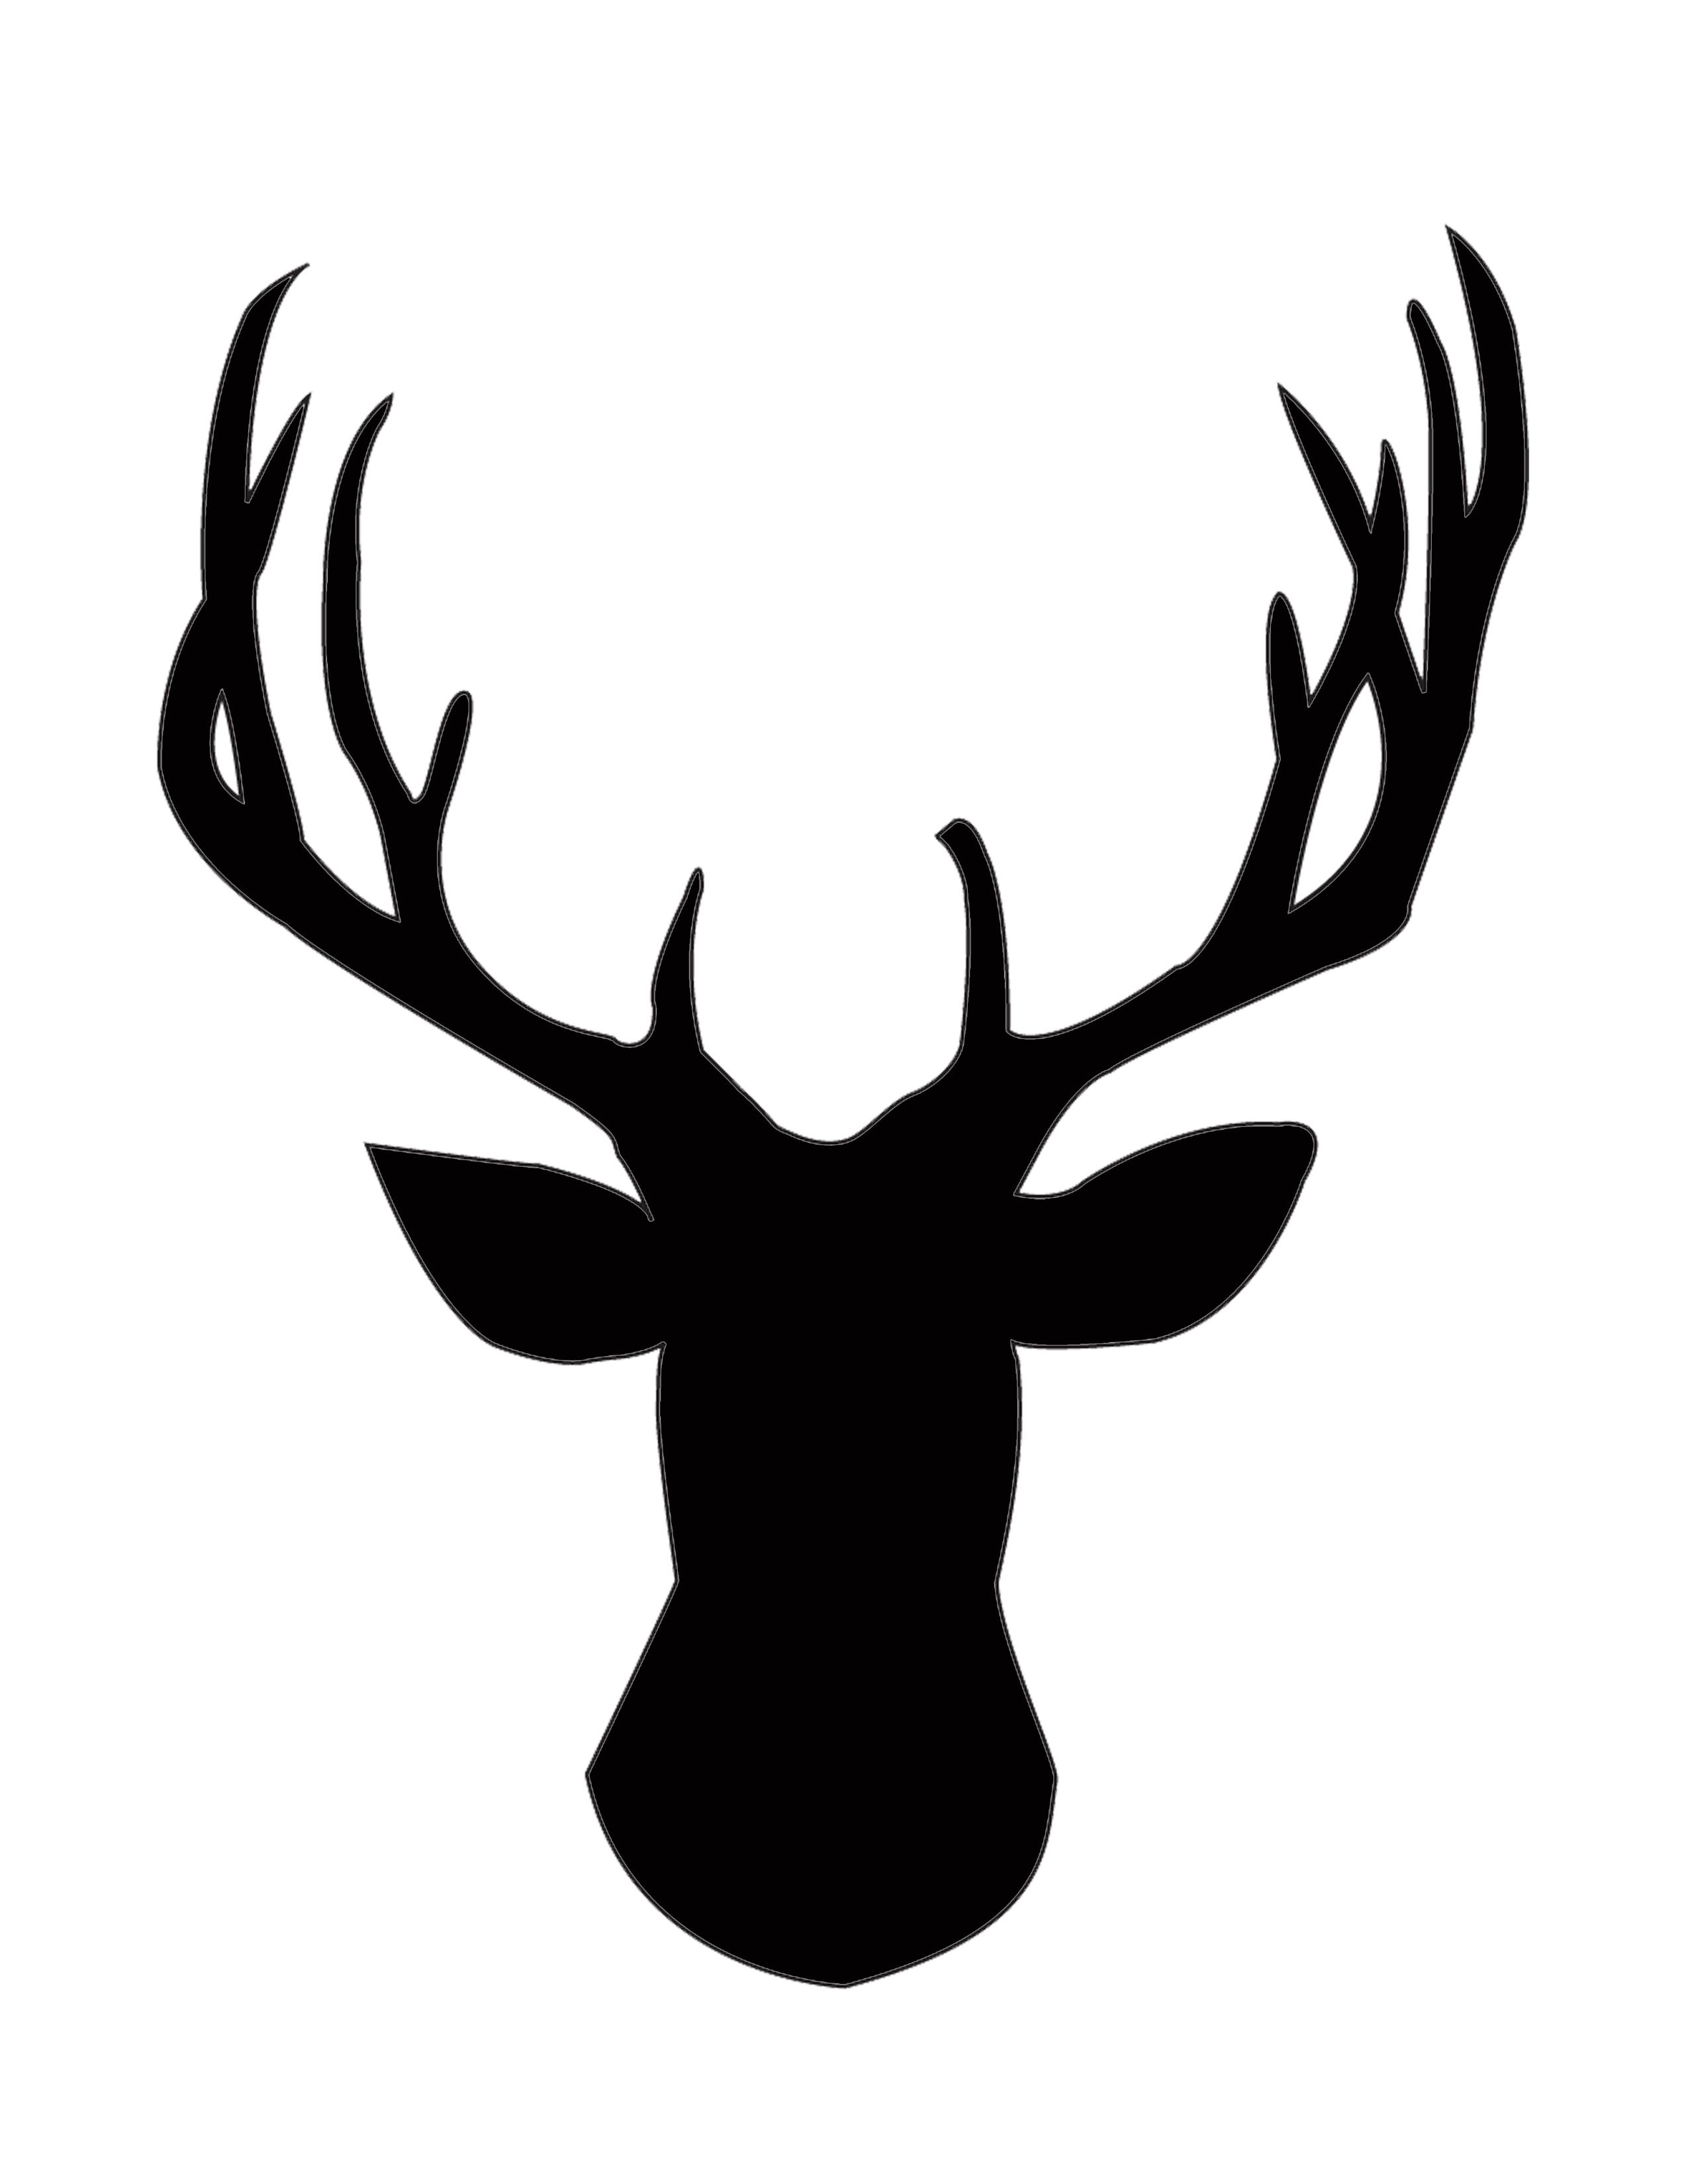 Deer Head Silhouette Free.